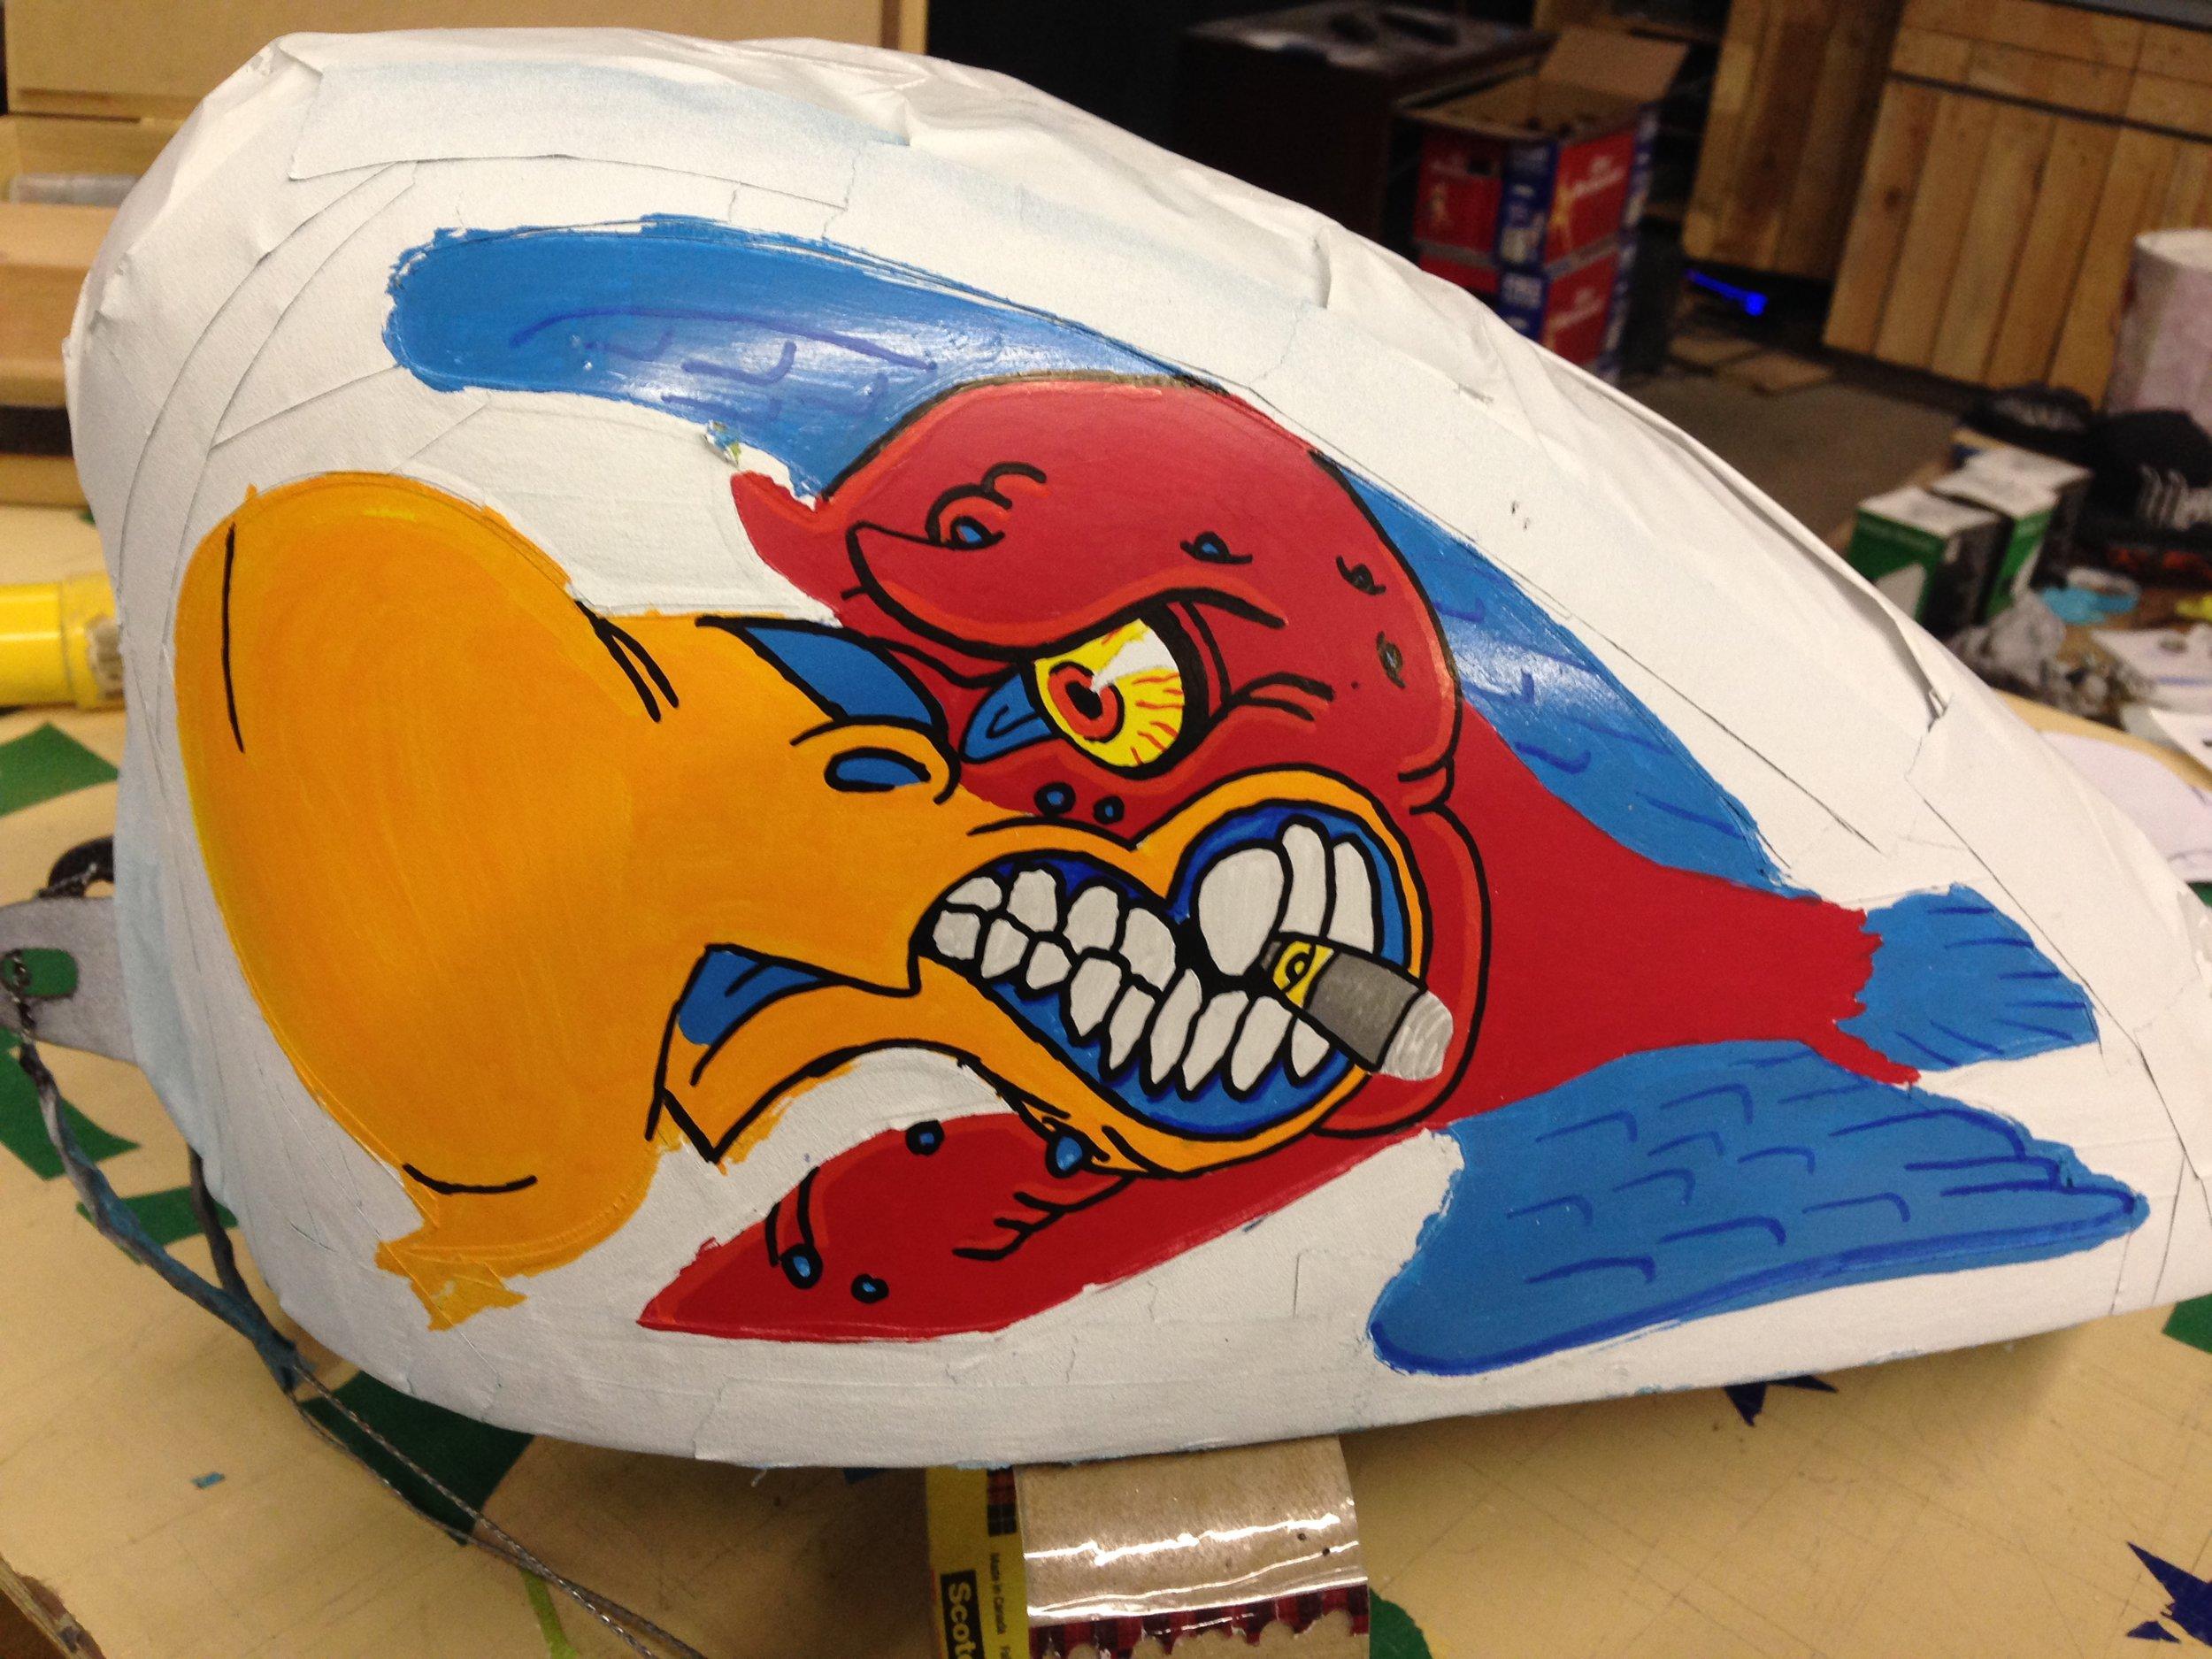 Sketchs Ink H-D Sportster Tank Custom Bobber Paint Ottawa Ontario